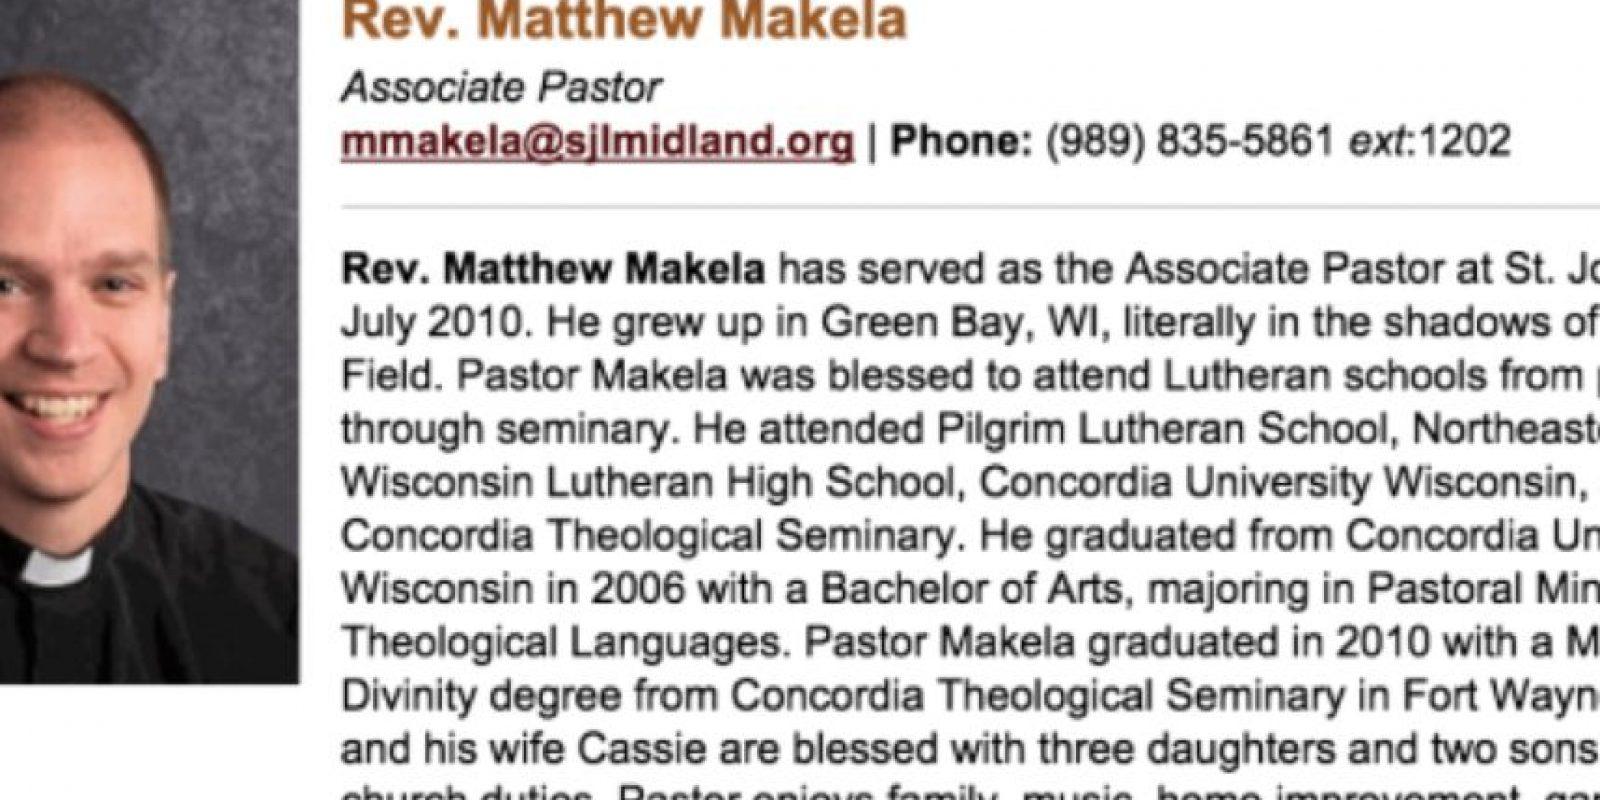 Esto le pasó a Matt Makela. Con cinco hijos. De una iglesia en Michigan. Foto:vía Iglesia de San Juan/Michigan